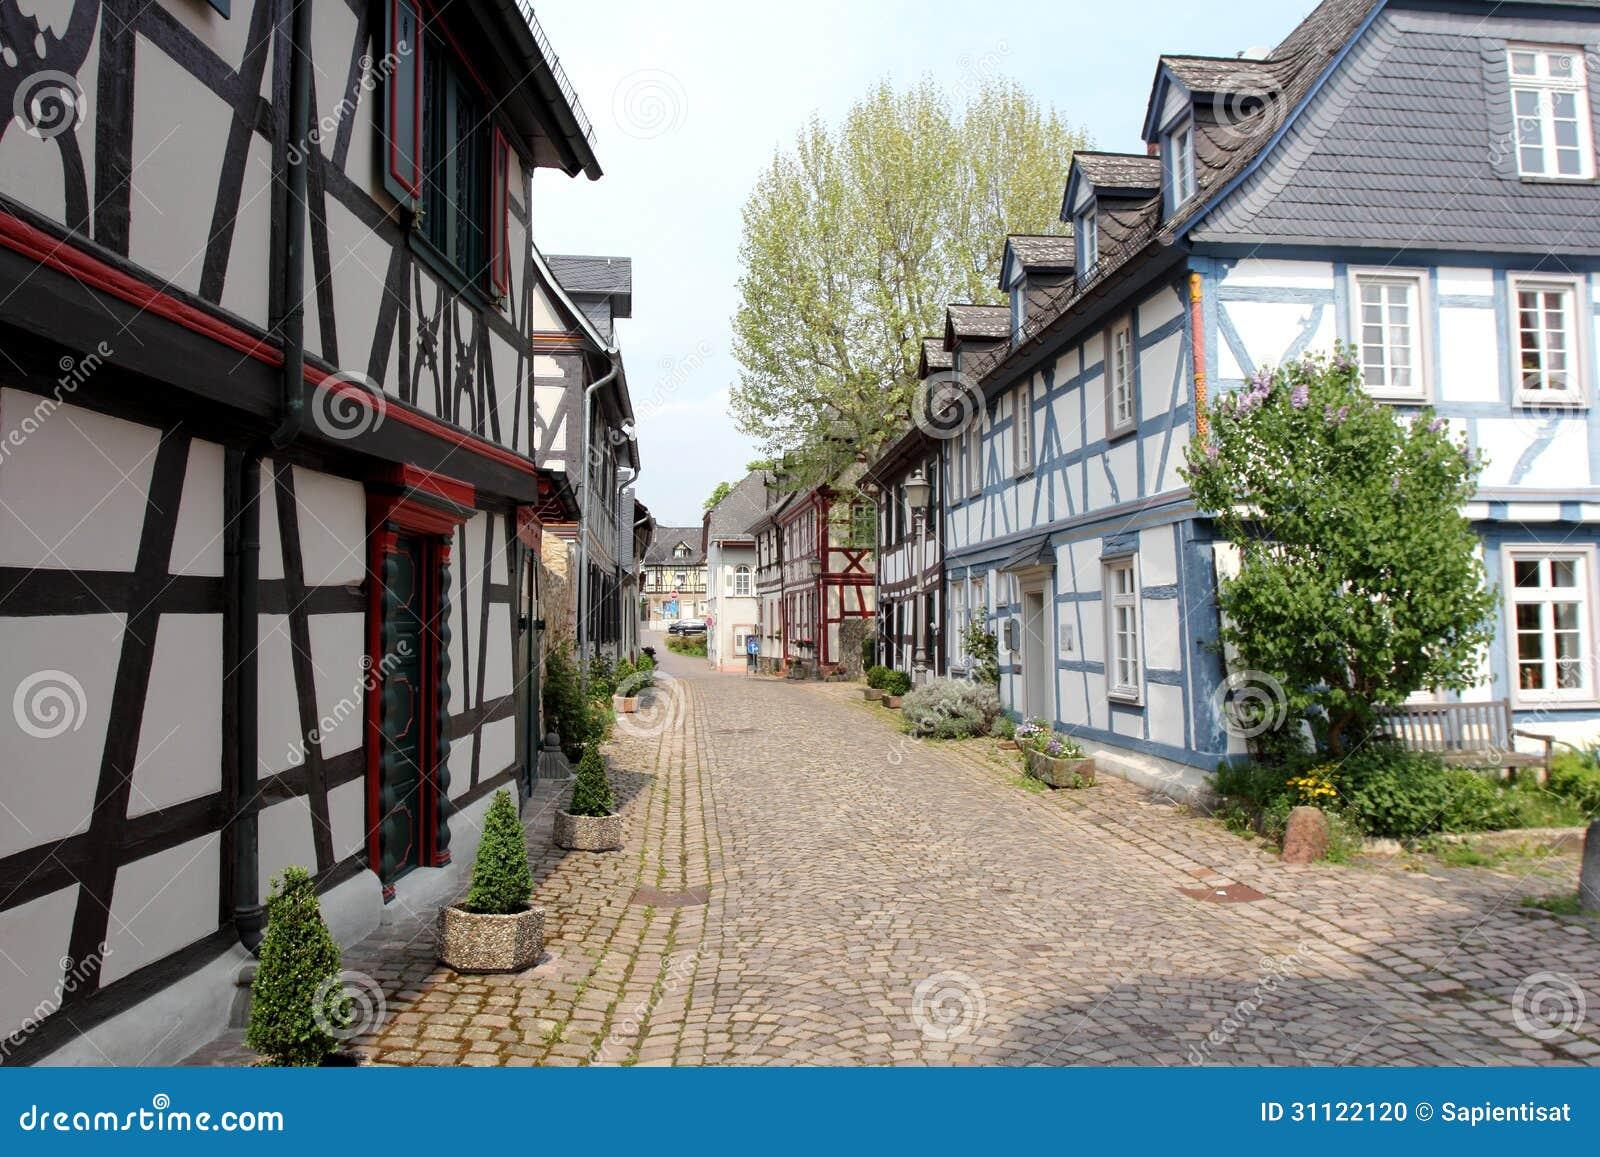 Casas De Entramado De Madera En Alemania Foto de archivo ... - photo#50